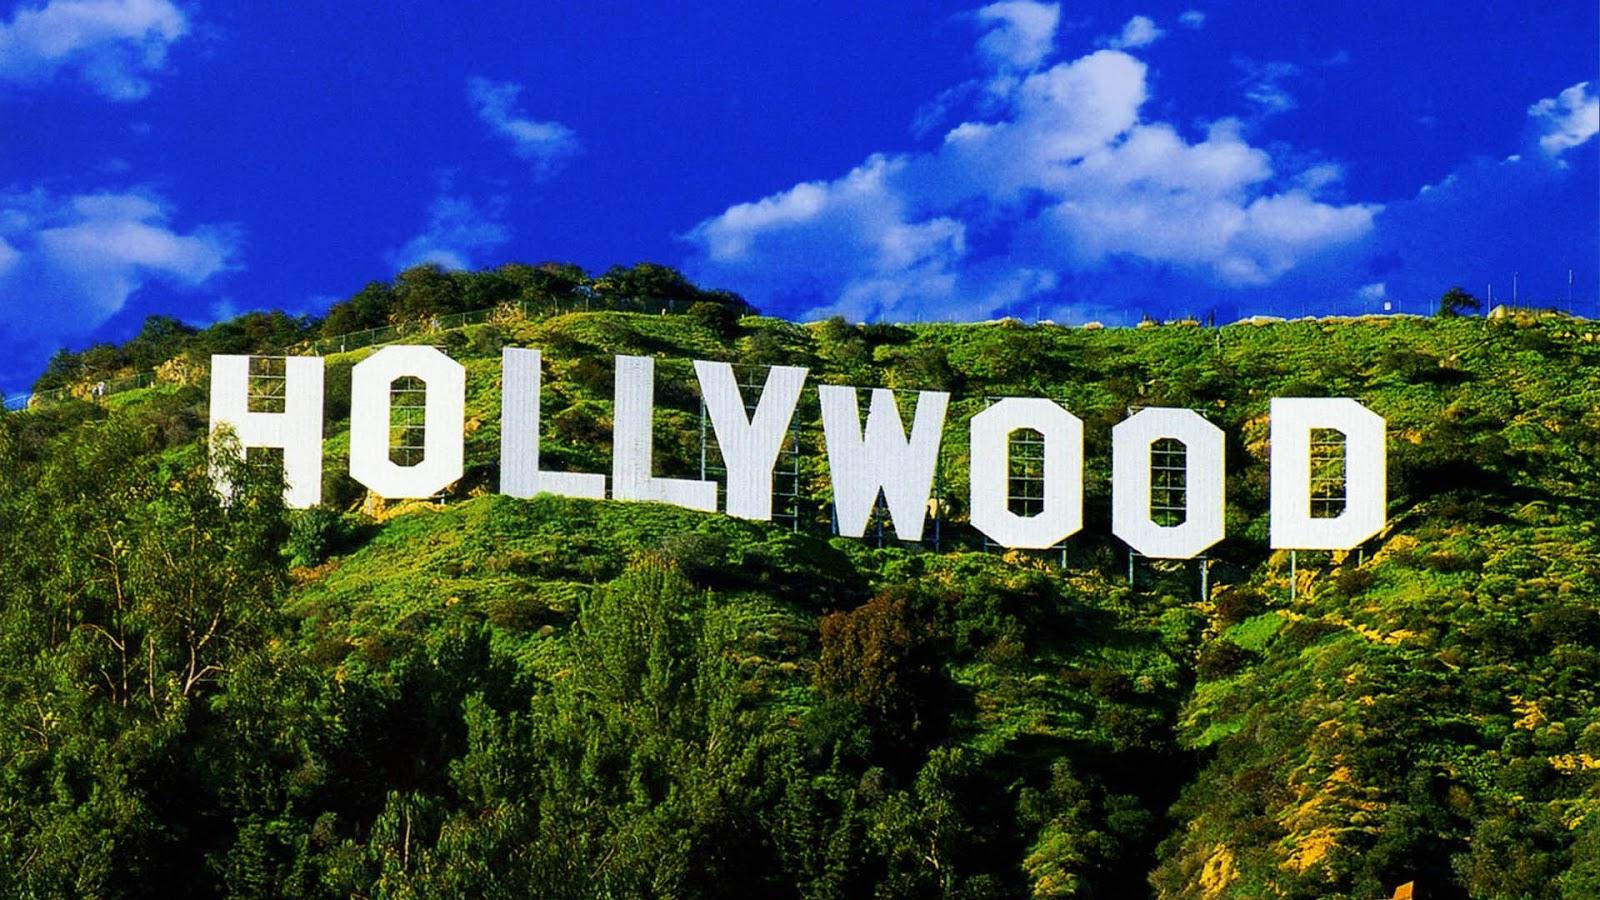 Výsledek obrázku pro hollywood